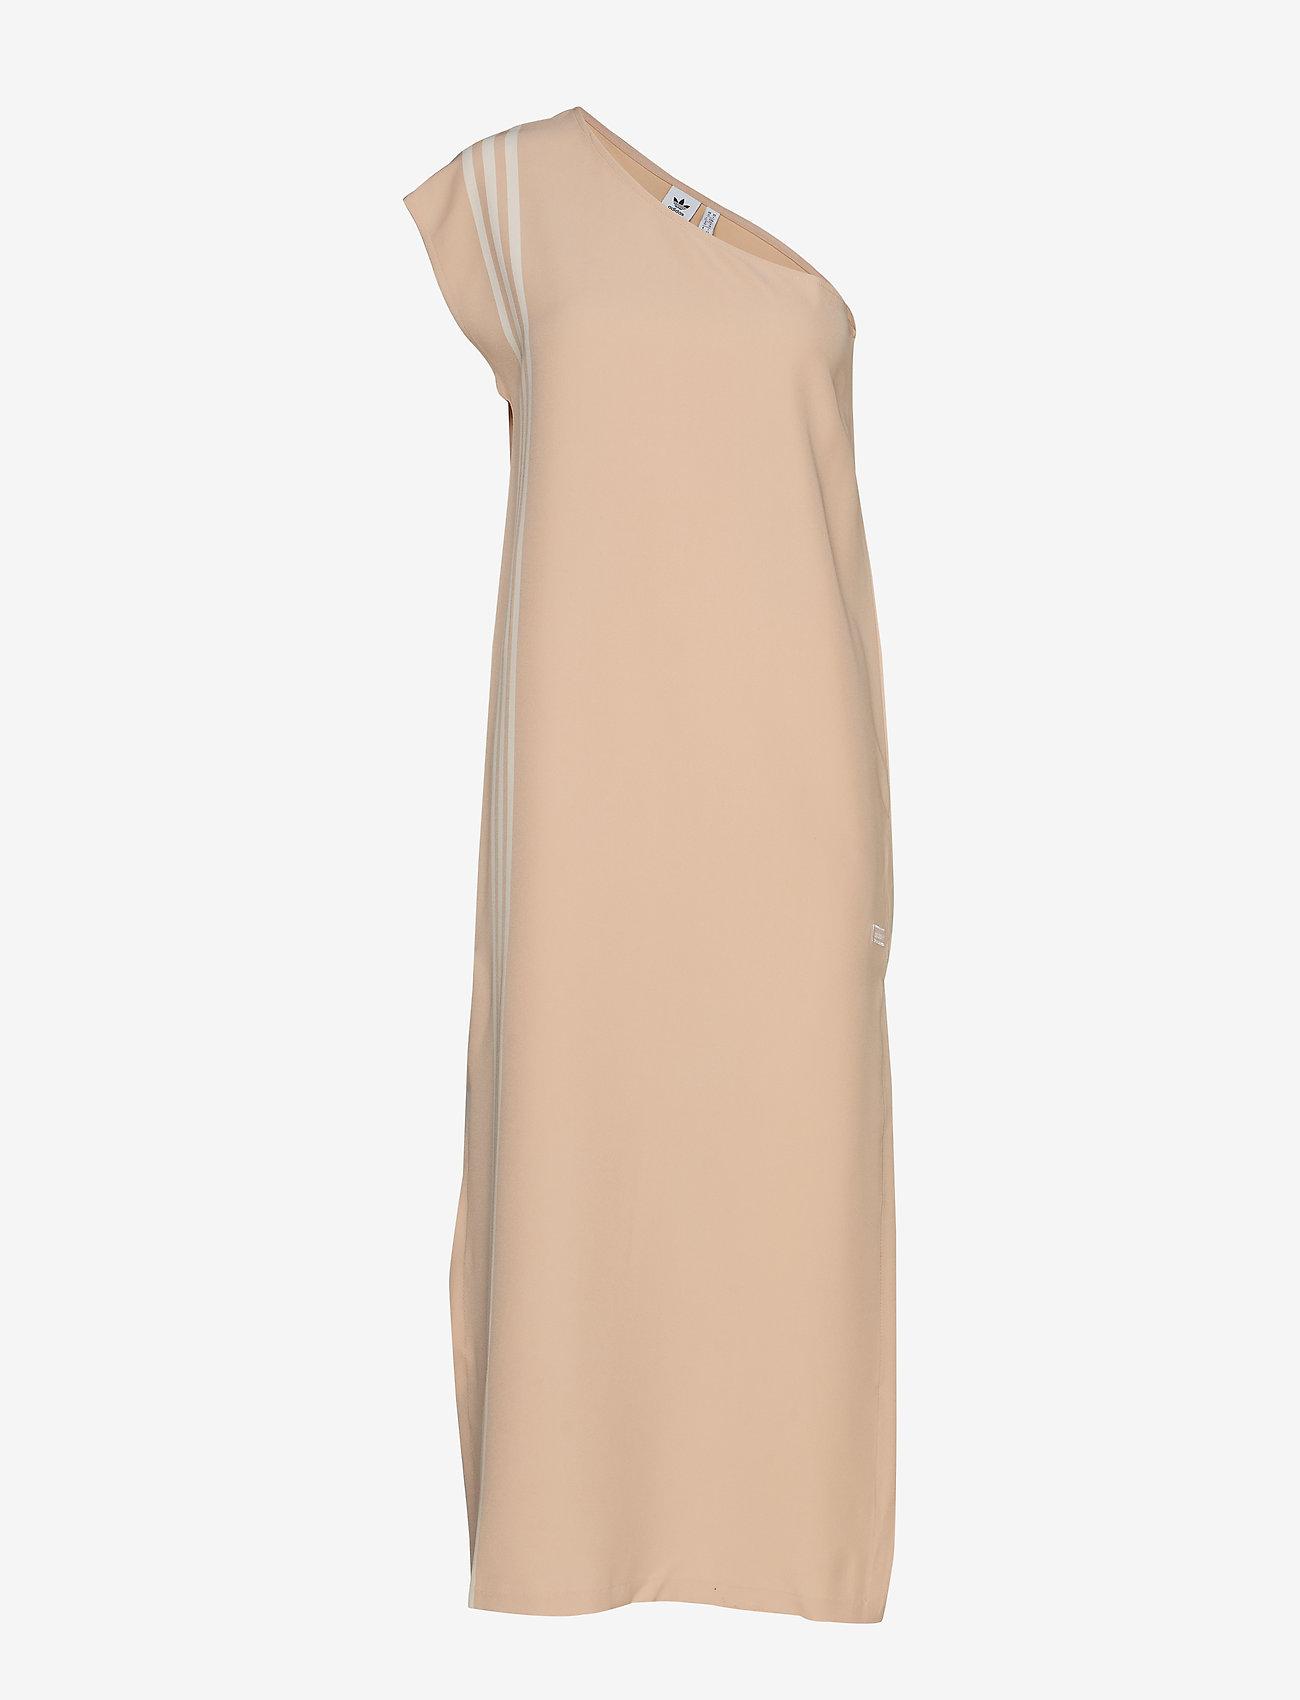 Tlrd Dress (Ashpea) - adidas Originals Ju9GkP